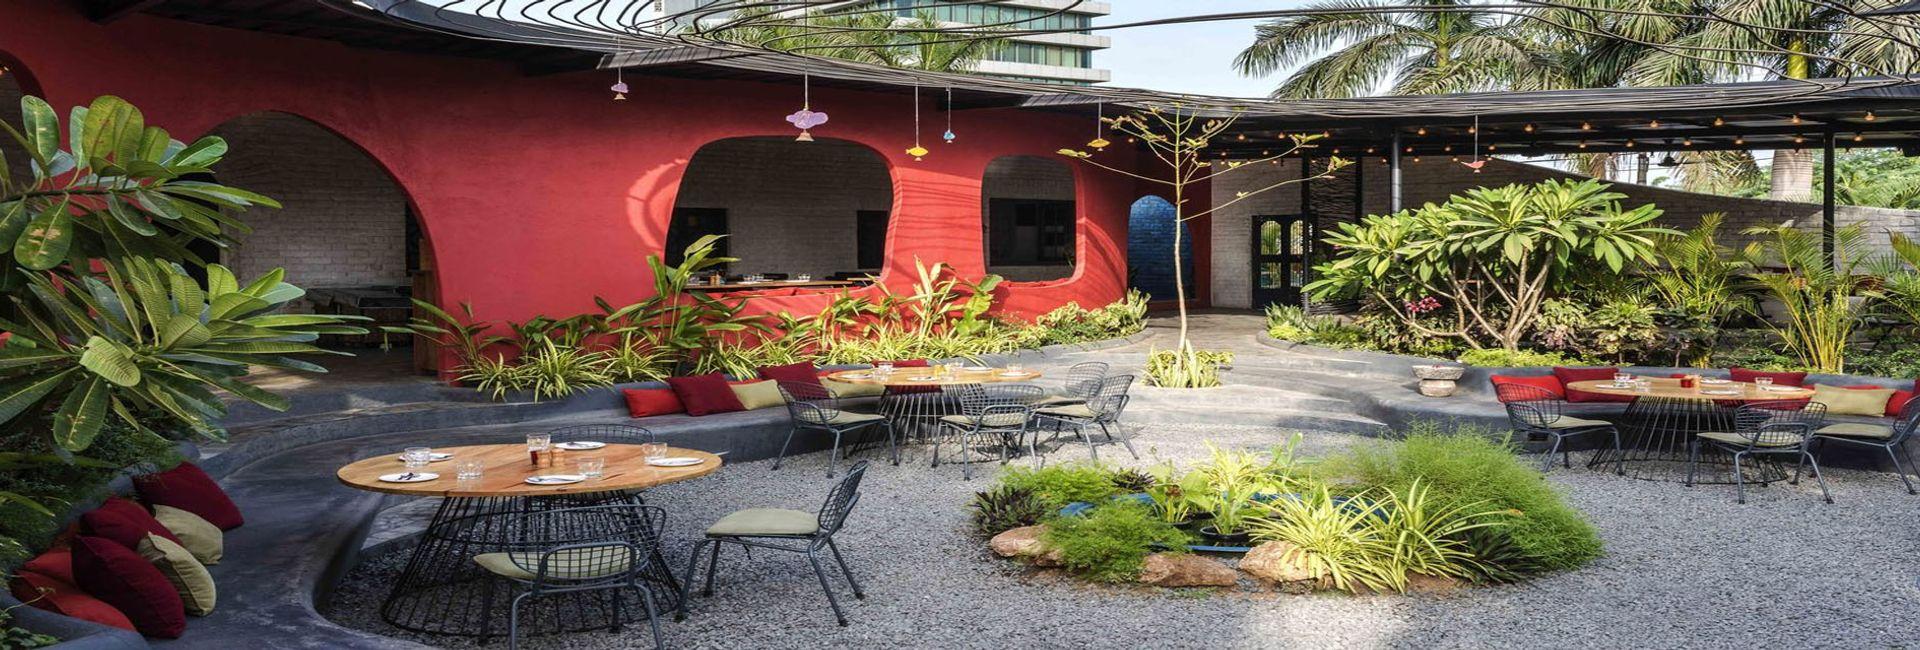 Top 8 quán cafe vườn xinh, yên tĩnh tại Đà Nẵng